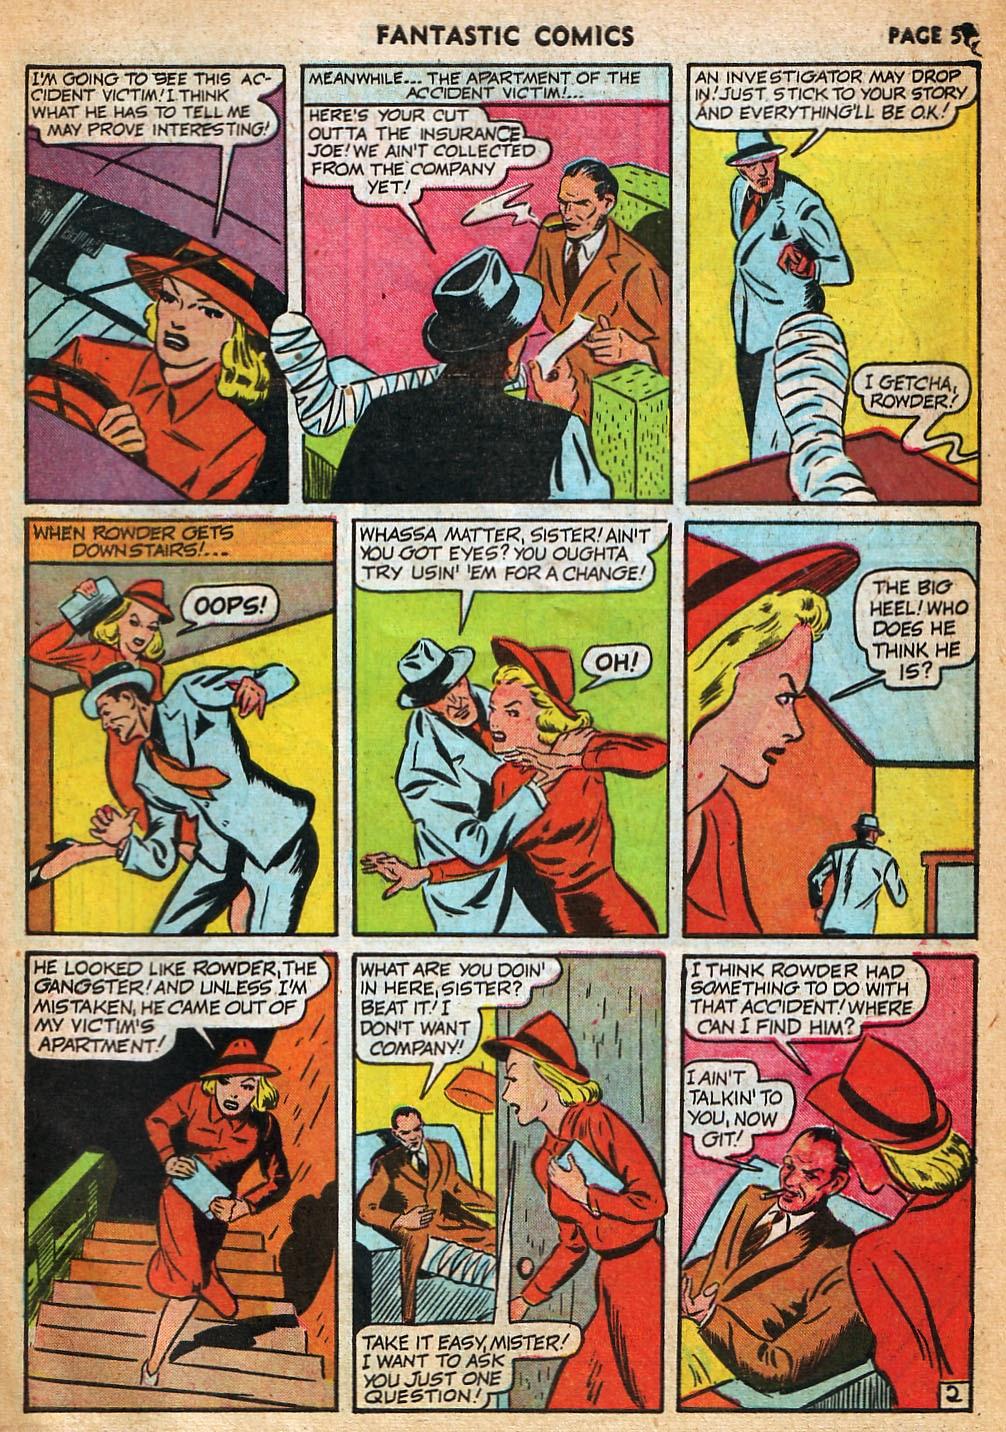 Read online Fantastic Comics comic -  Issue #22 - 60